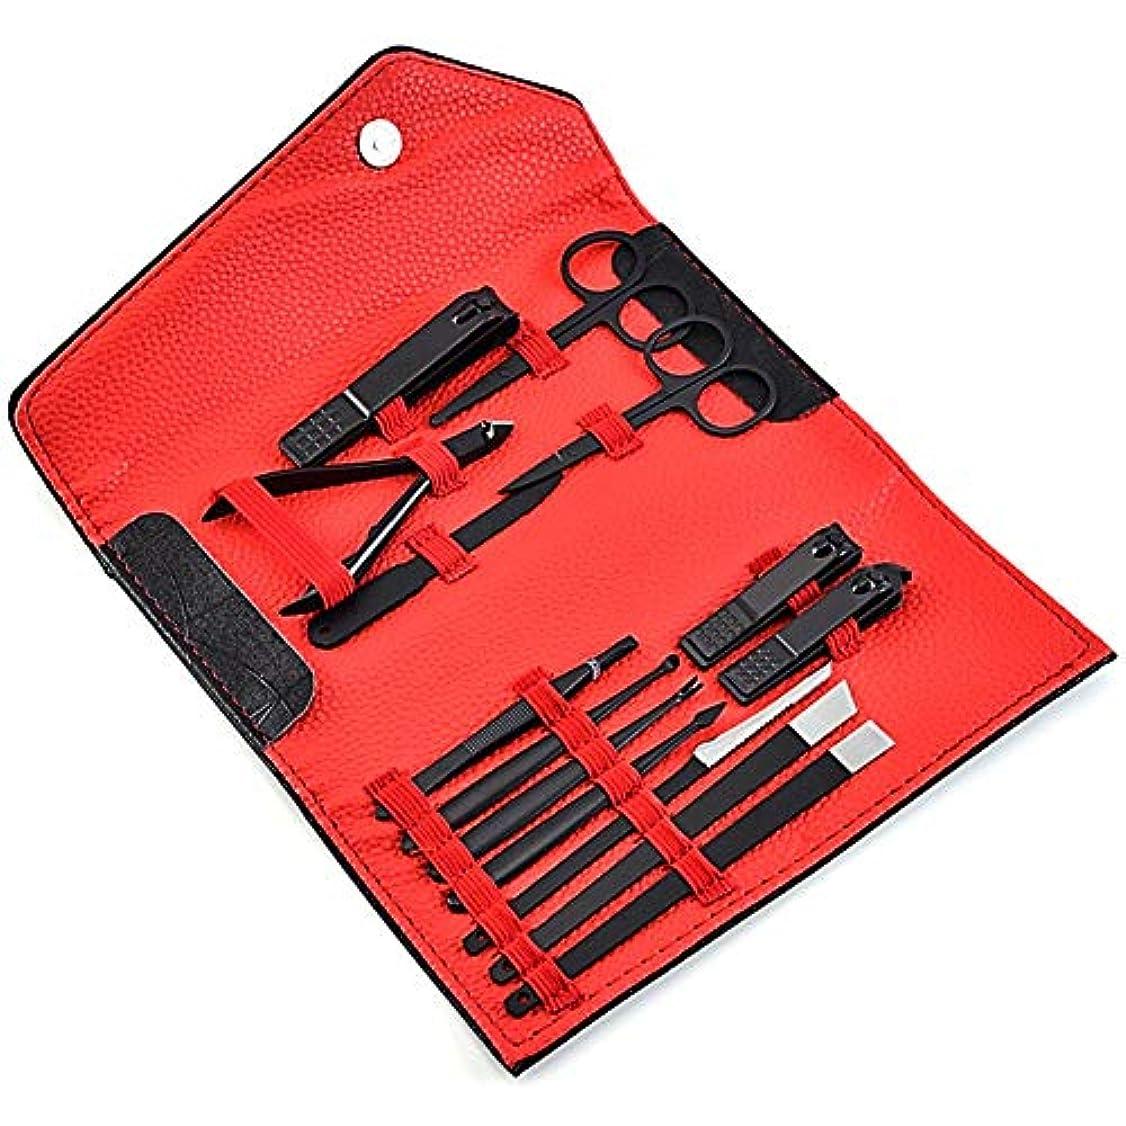 高める効率的に提案ネイルクリッパーを設定ネイルクリッパー死んだ皮膚カットデイリーマニキュアマニキュアパーソナルケアツール